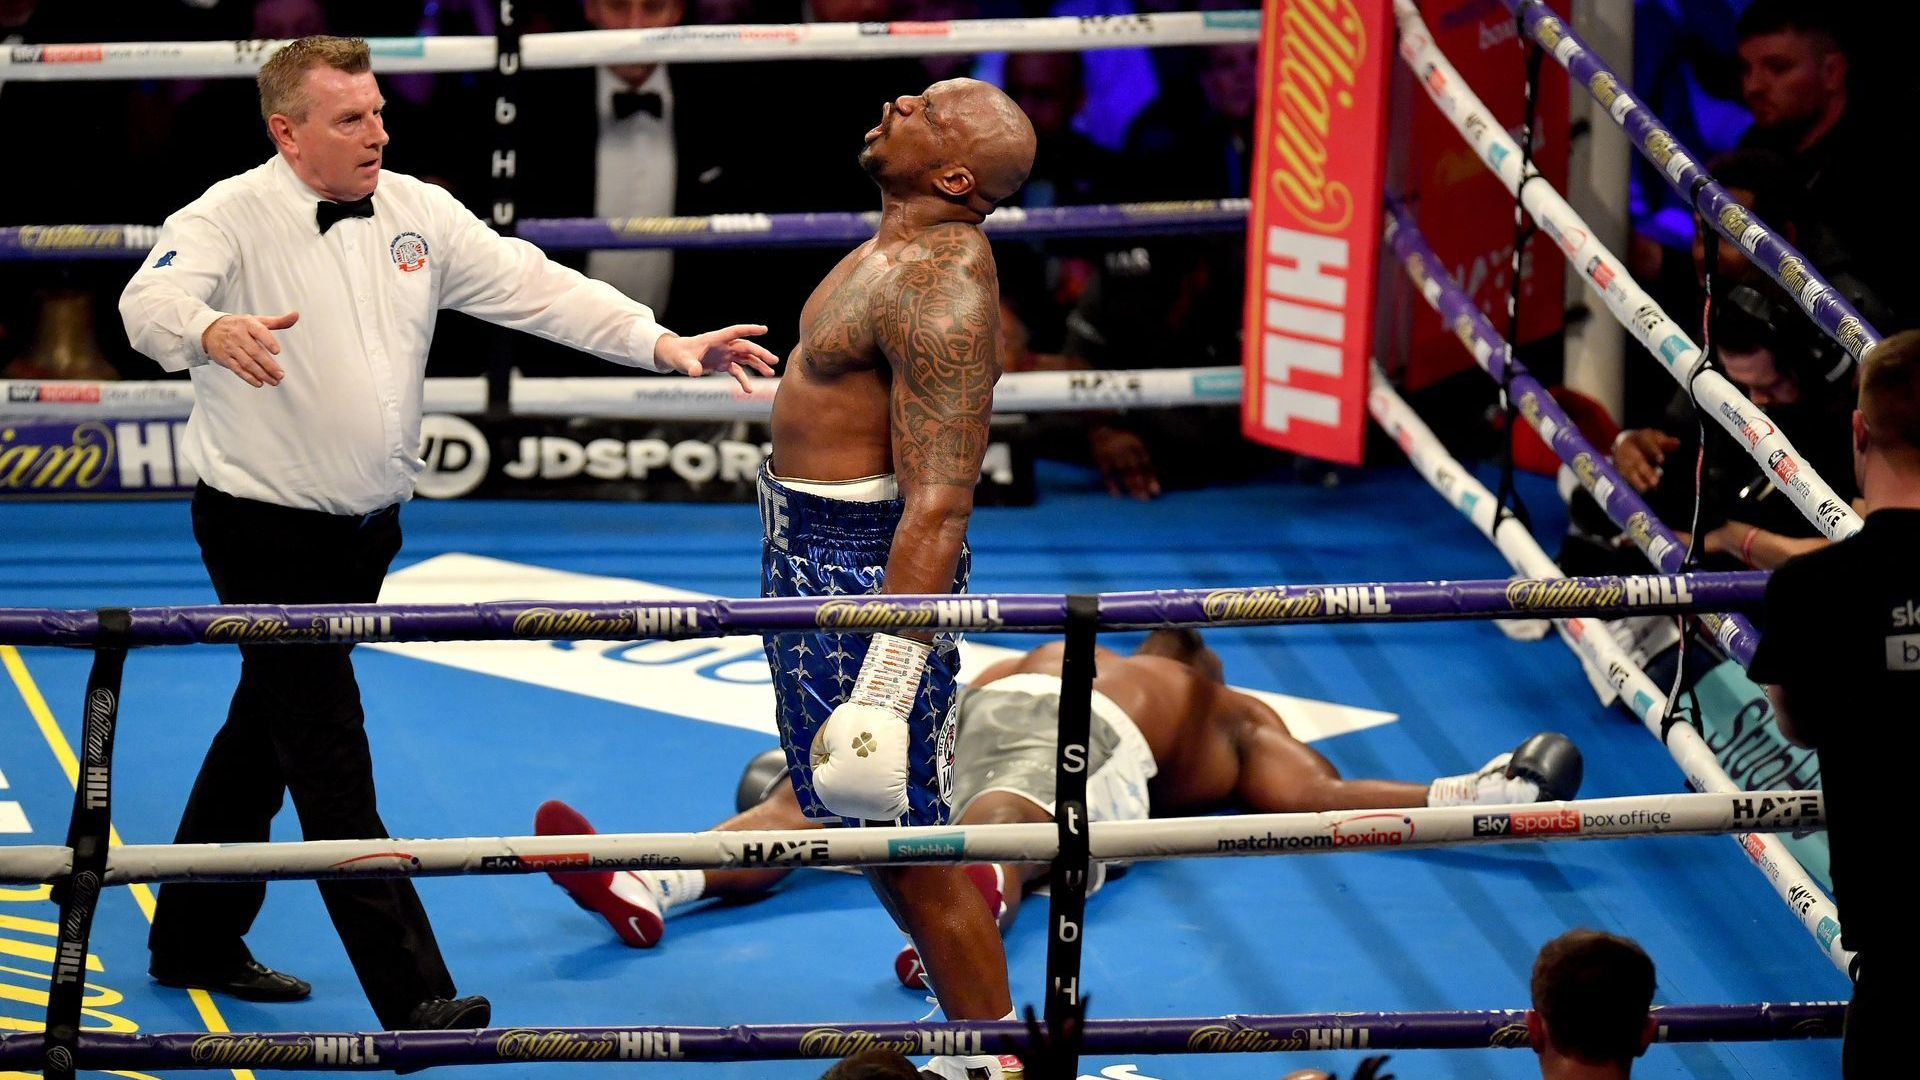 Джошуа се качи на ринга след брутален нокаут и назова следващите си опоненти